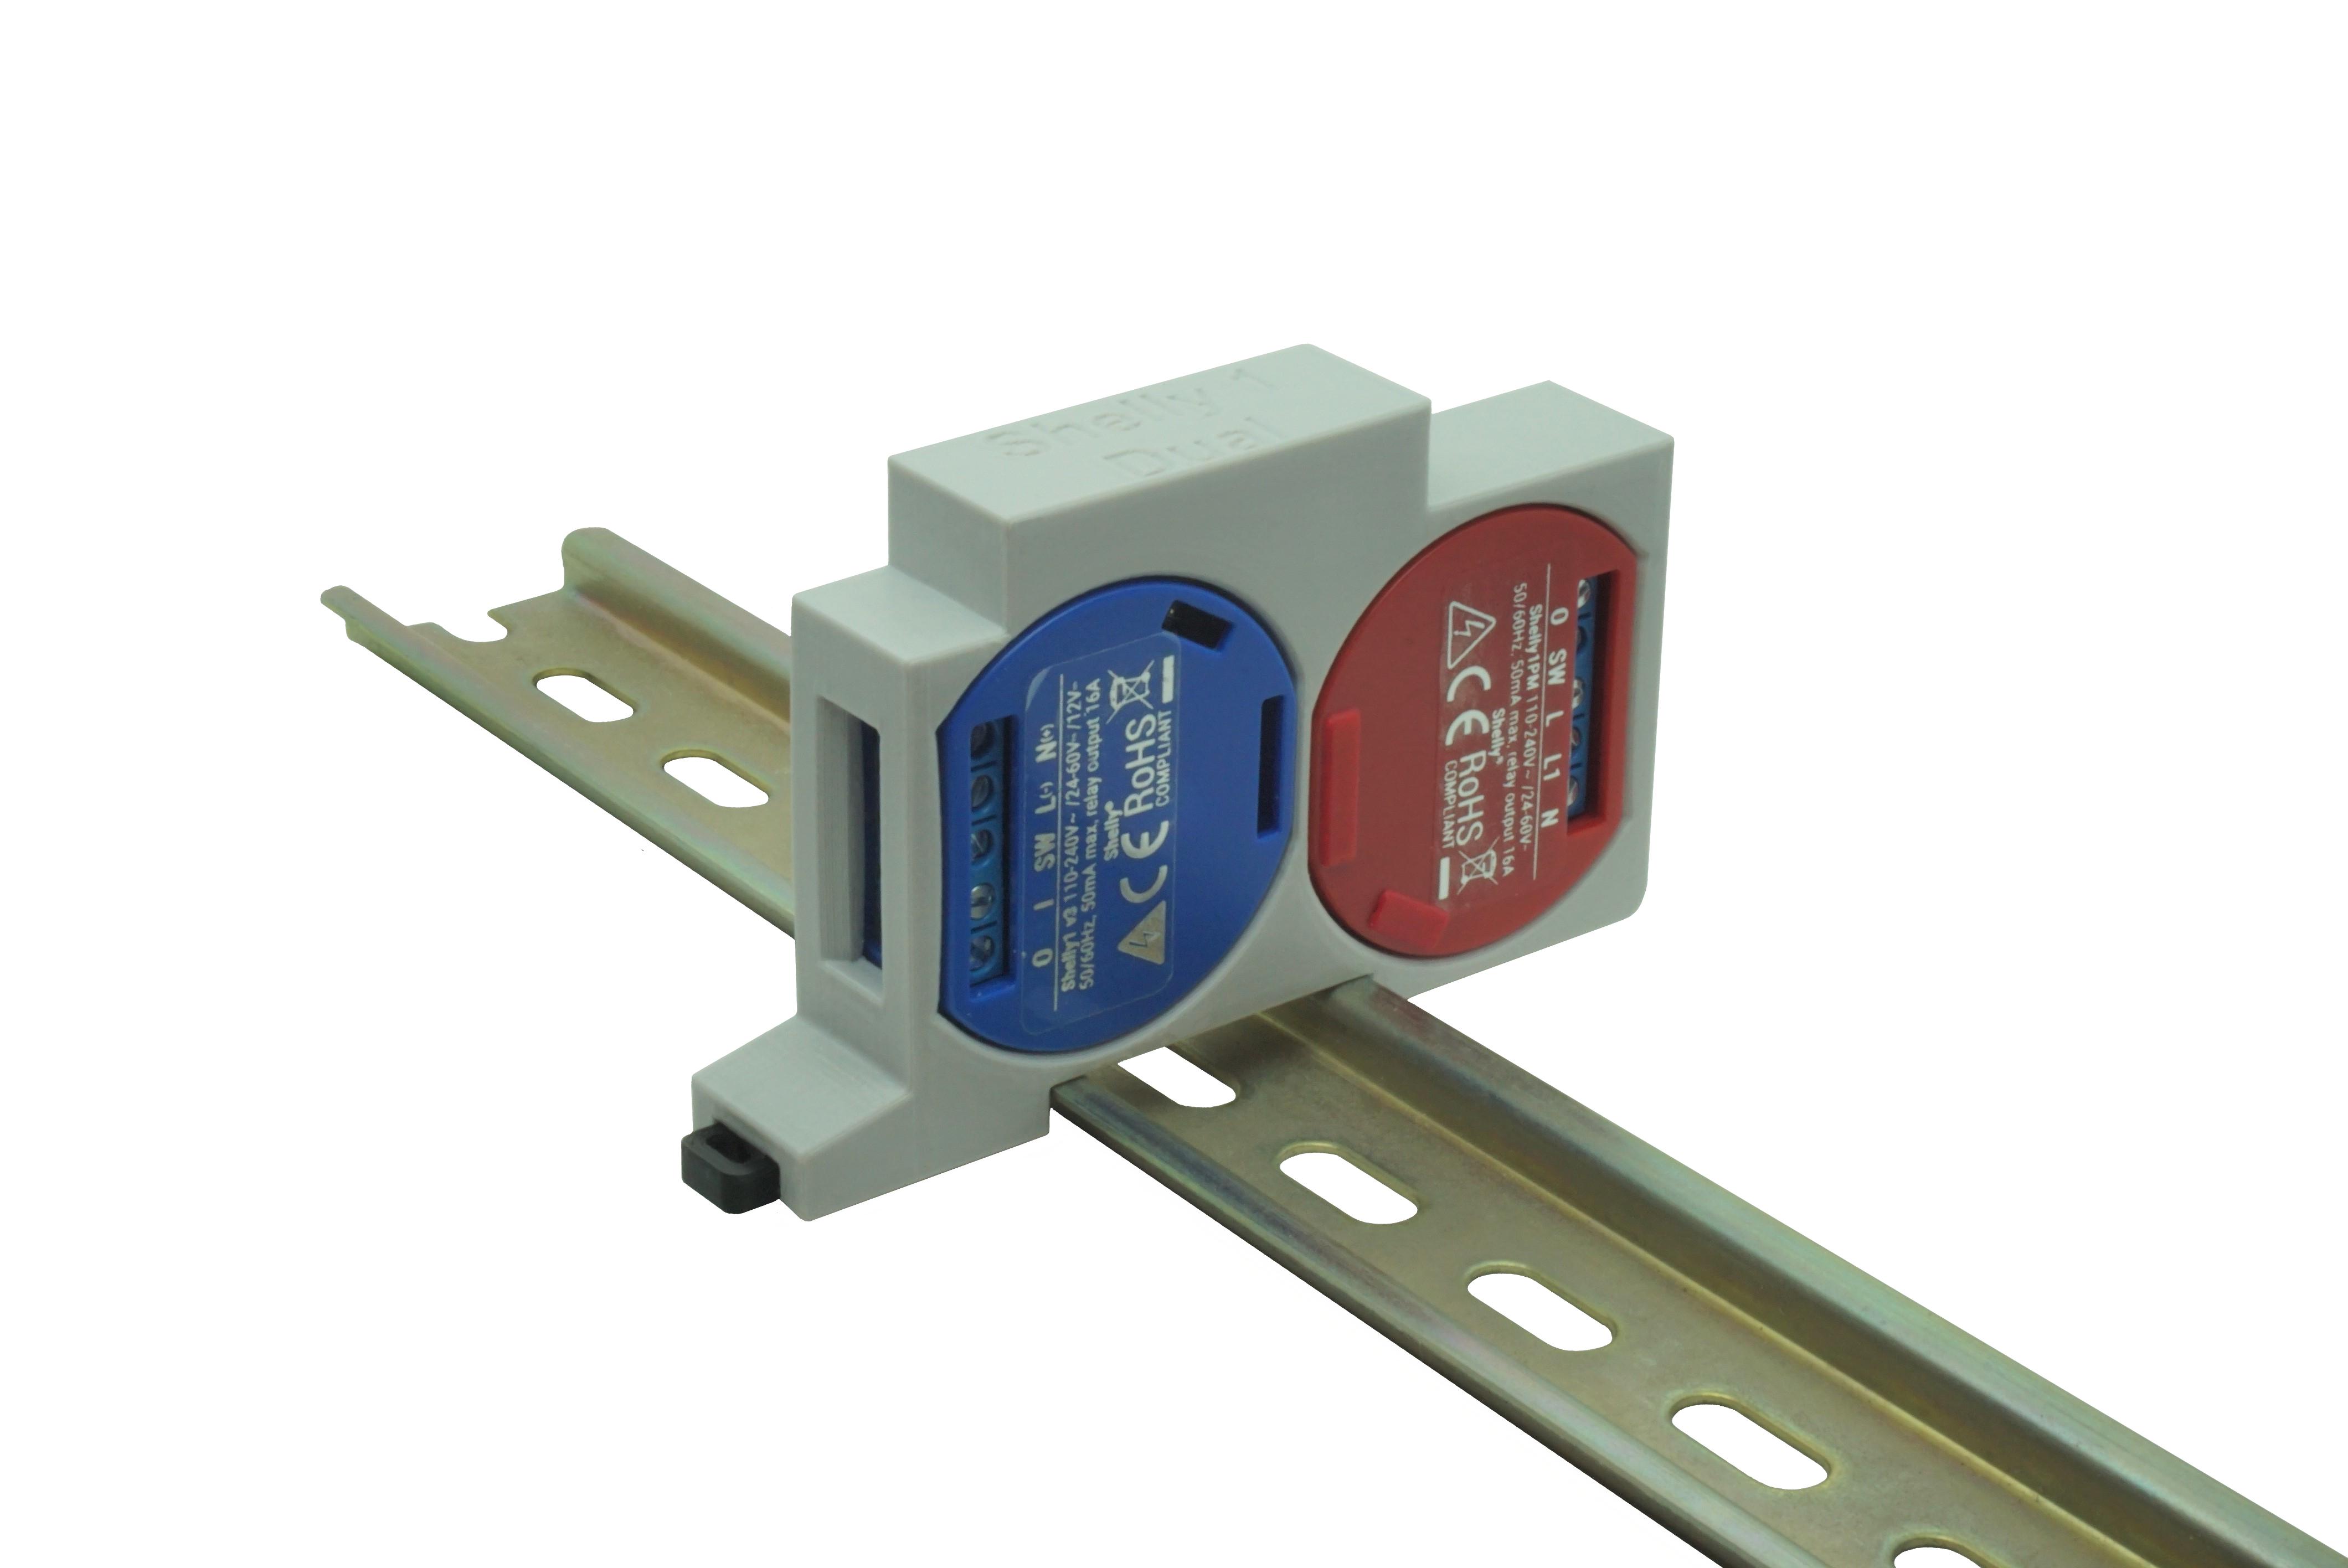 Hutschienenhalter / Adapter Dual für Shelly 1 / 1 PM, für DIN Schiene 35mm, Farbe: Grau